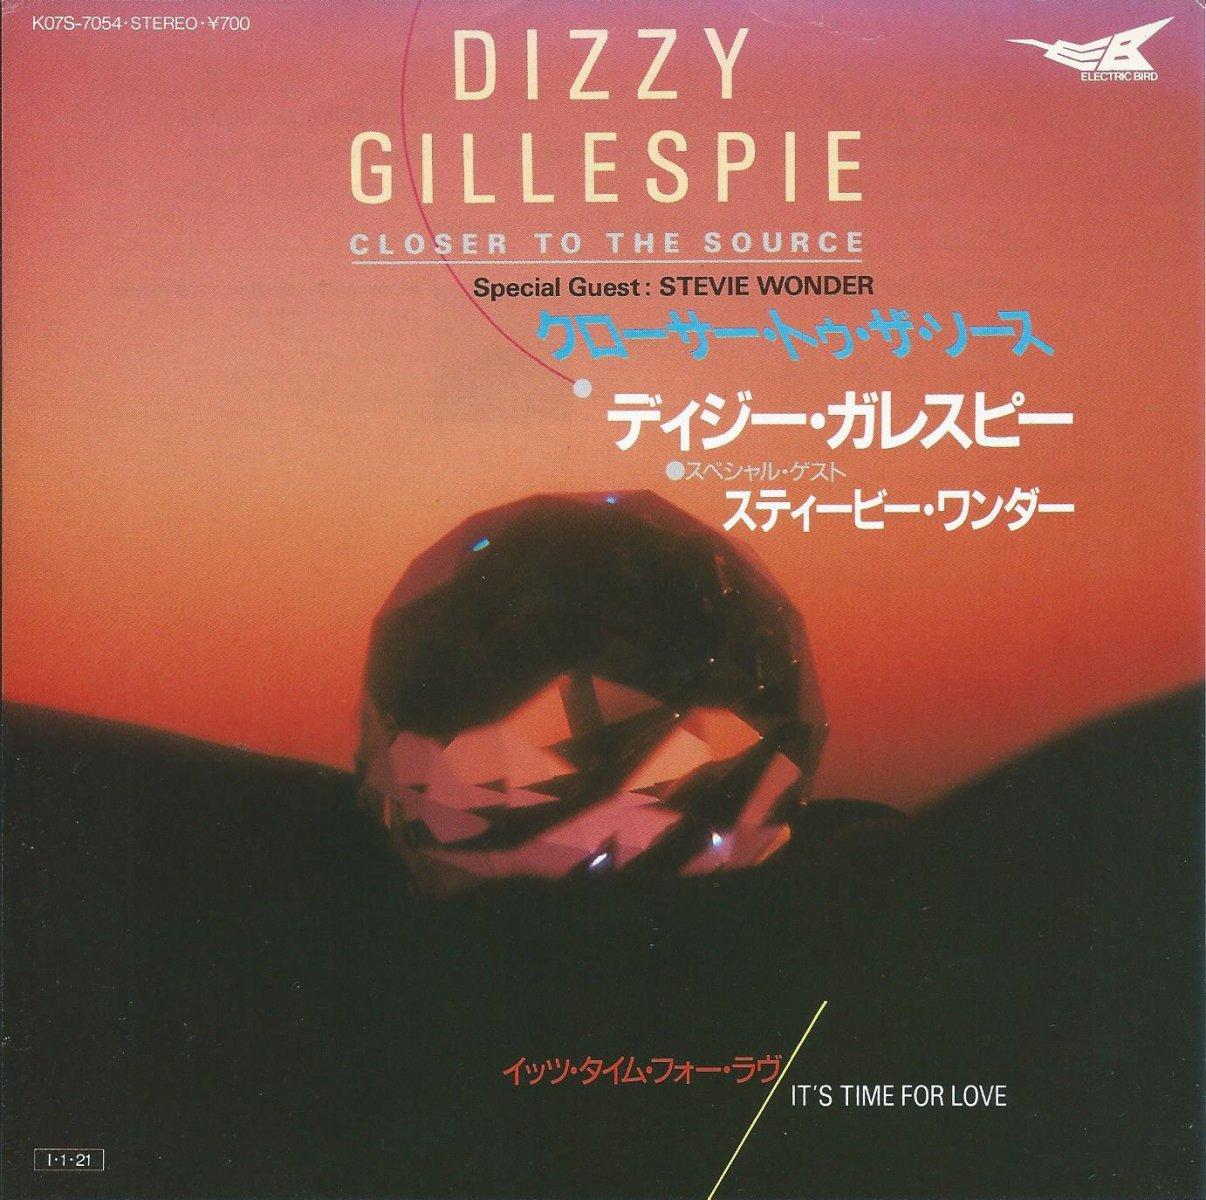 ディジー・ガレスピー DIZZY GILLESPIE / クローサー・トゥ・ザ・ソース CLOSER TO THE SOURCE (7